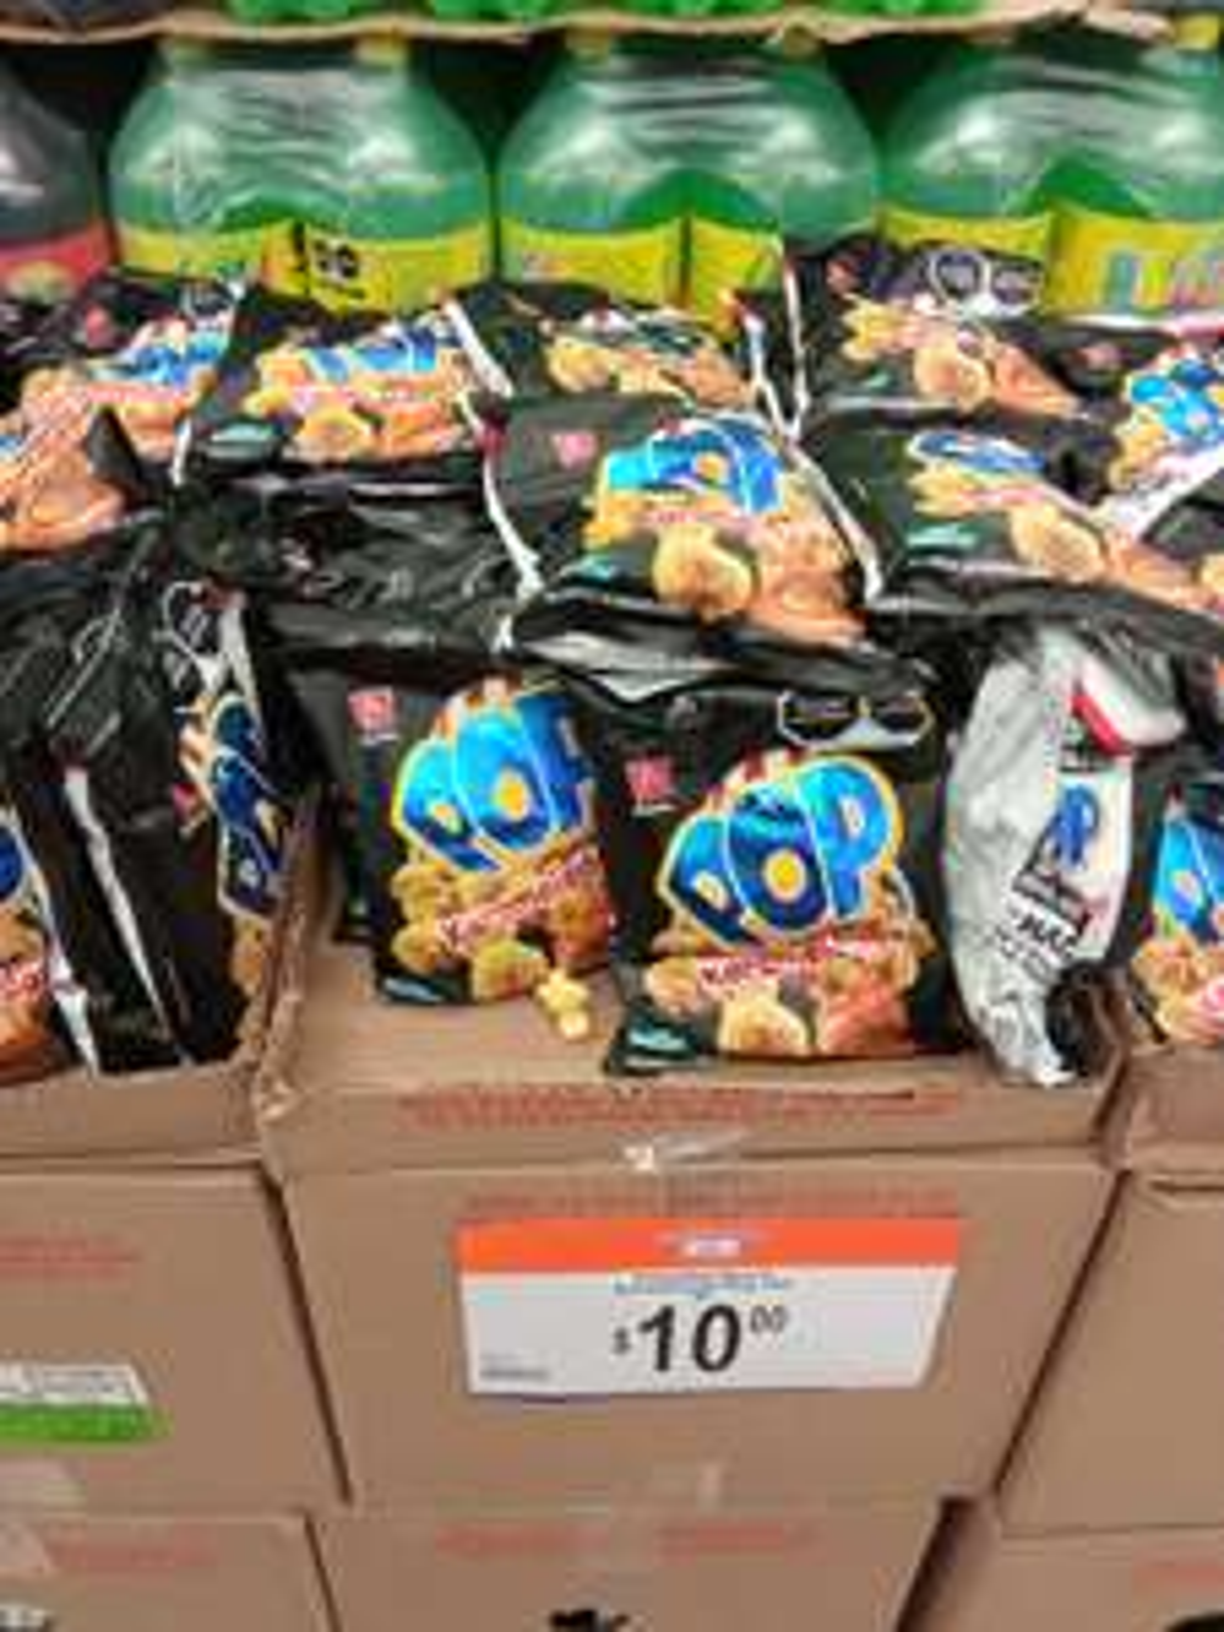 Chedraui Ciudad del Carmen: Palomitas barcel karameladas pop 105gr